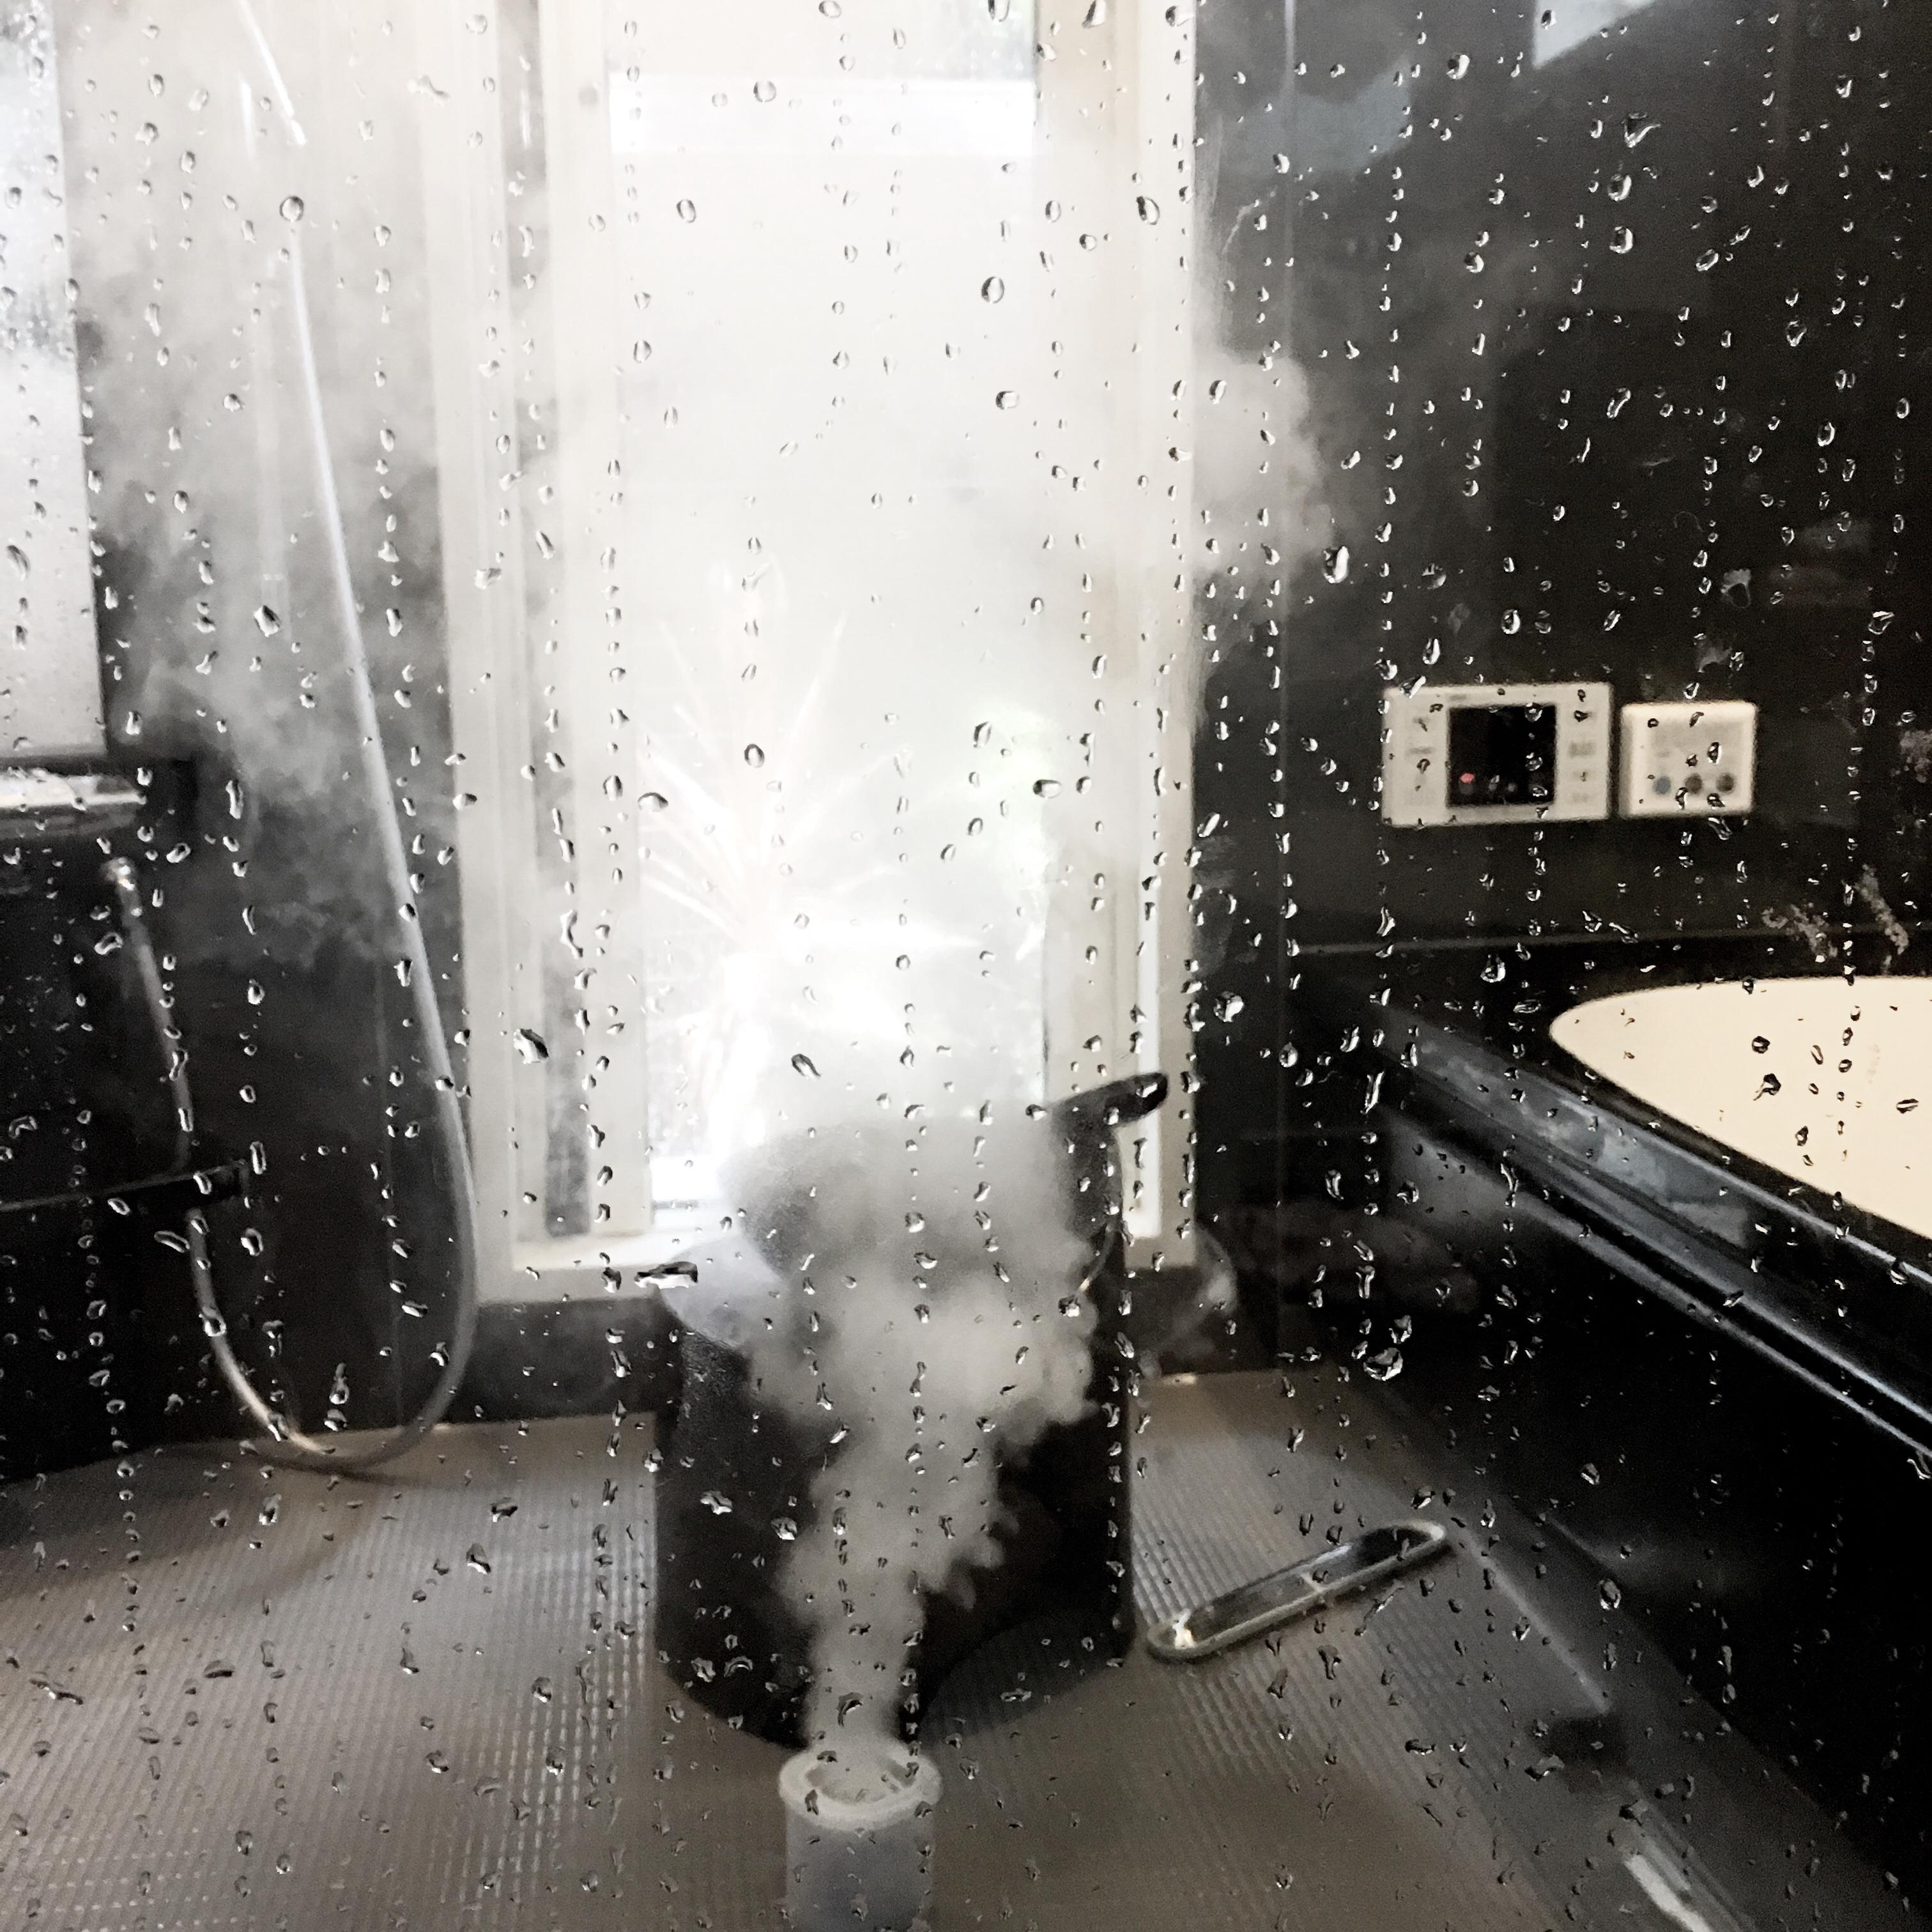 お風呂のカビ掃除で大変な思いをしないためにやってること【防カビくん煙剤】